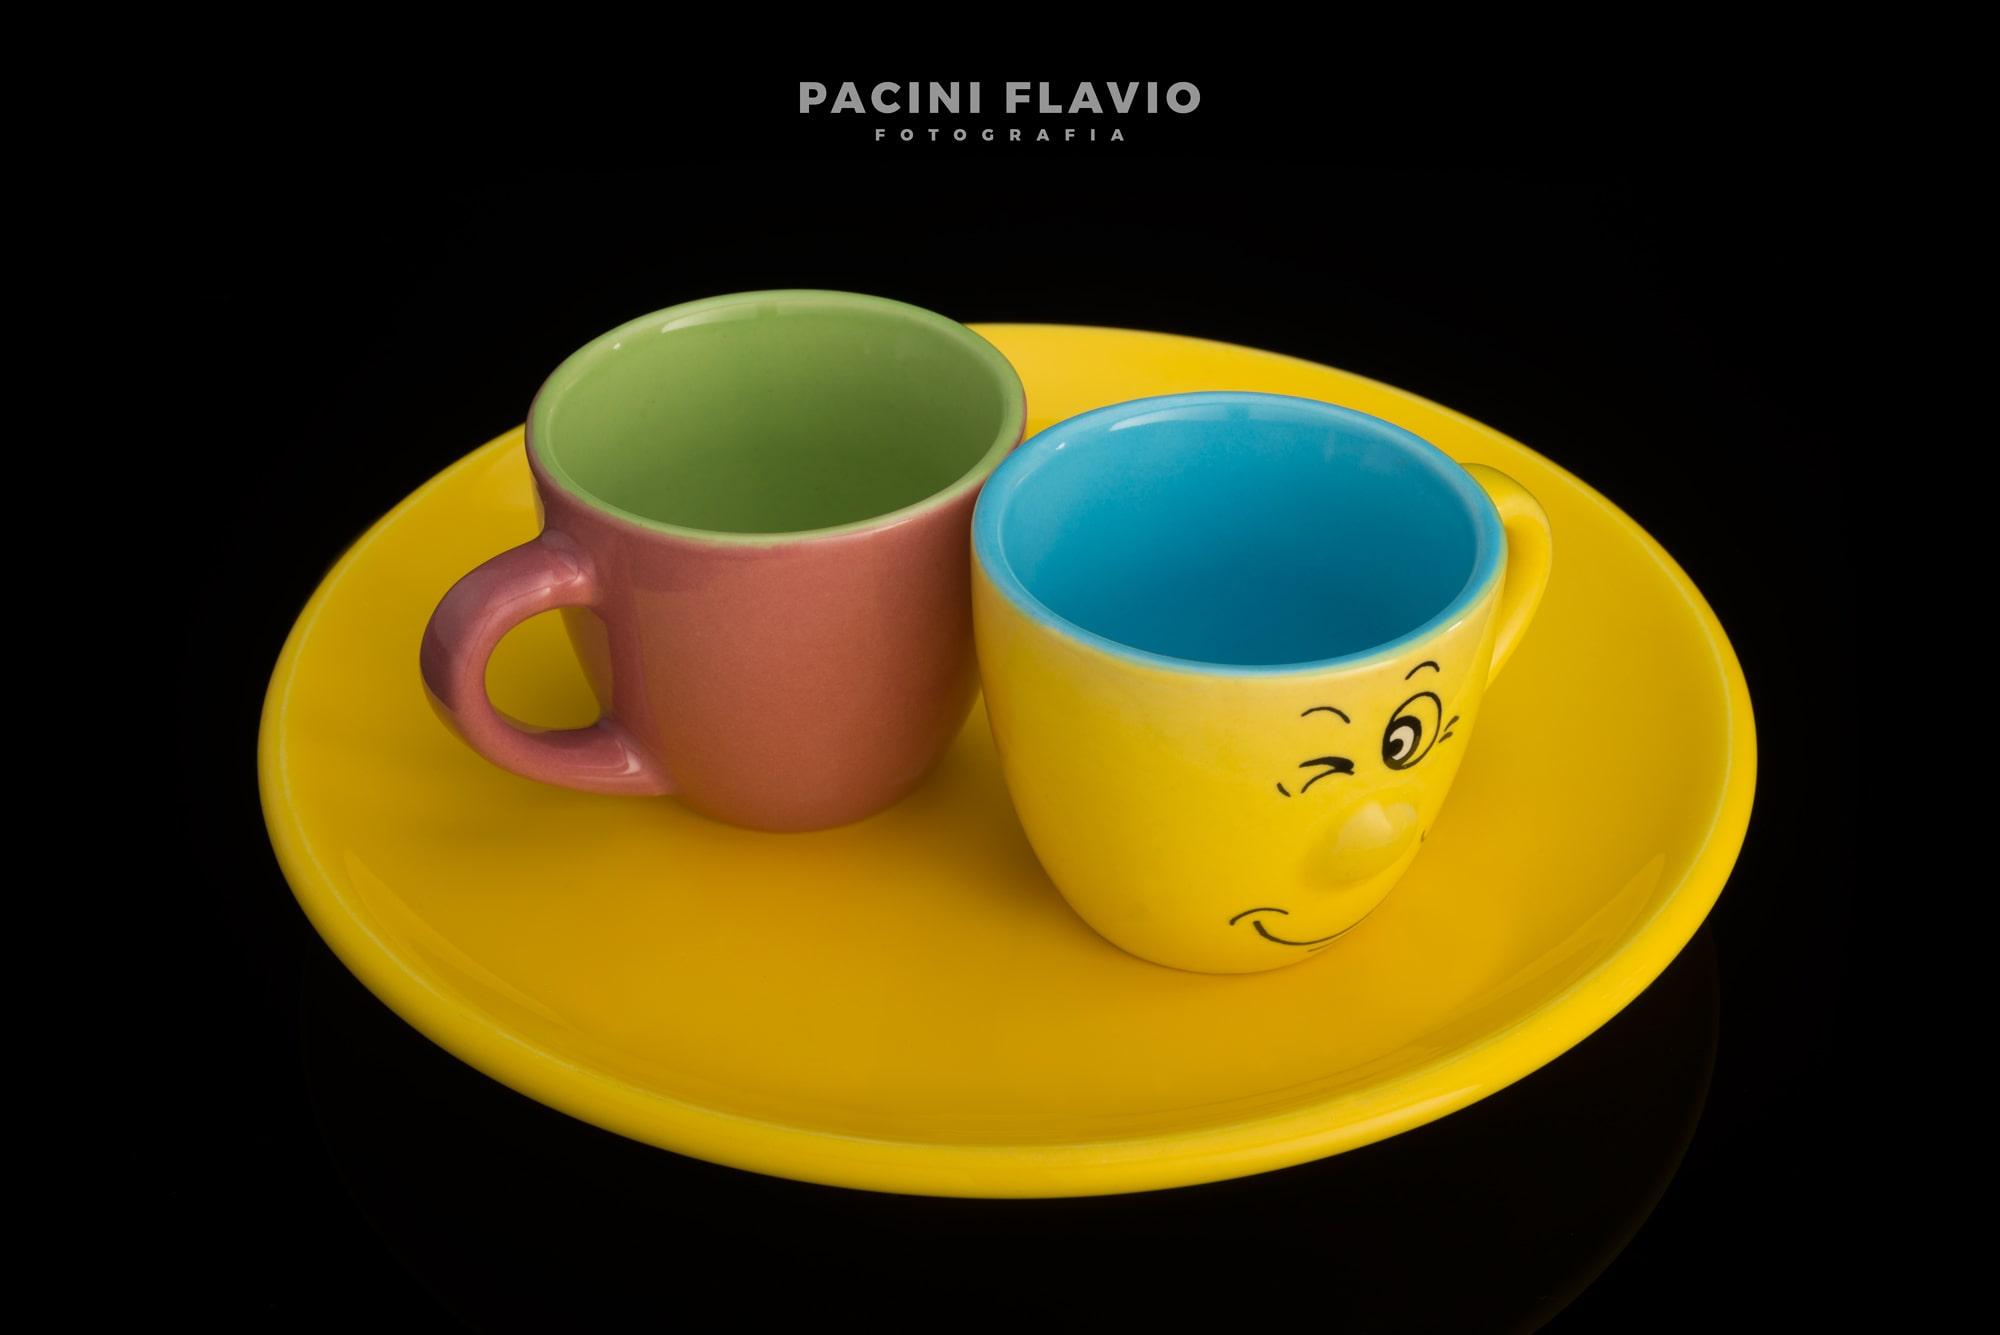 Fotografia tazzine di ceramica colorata